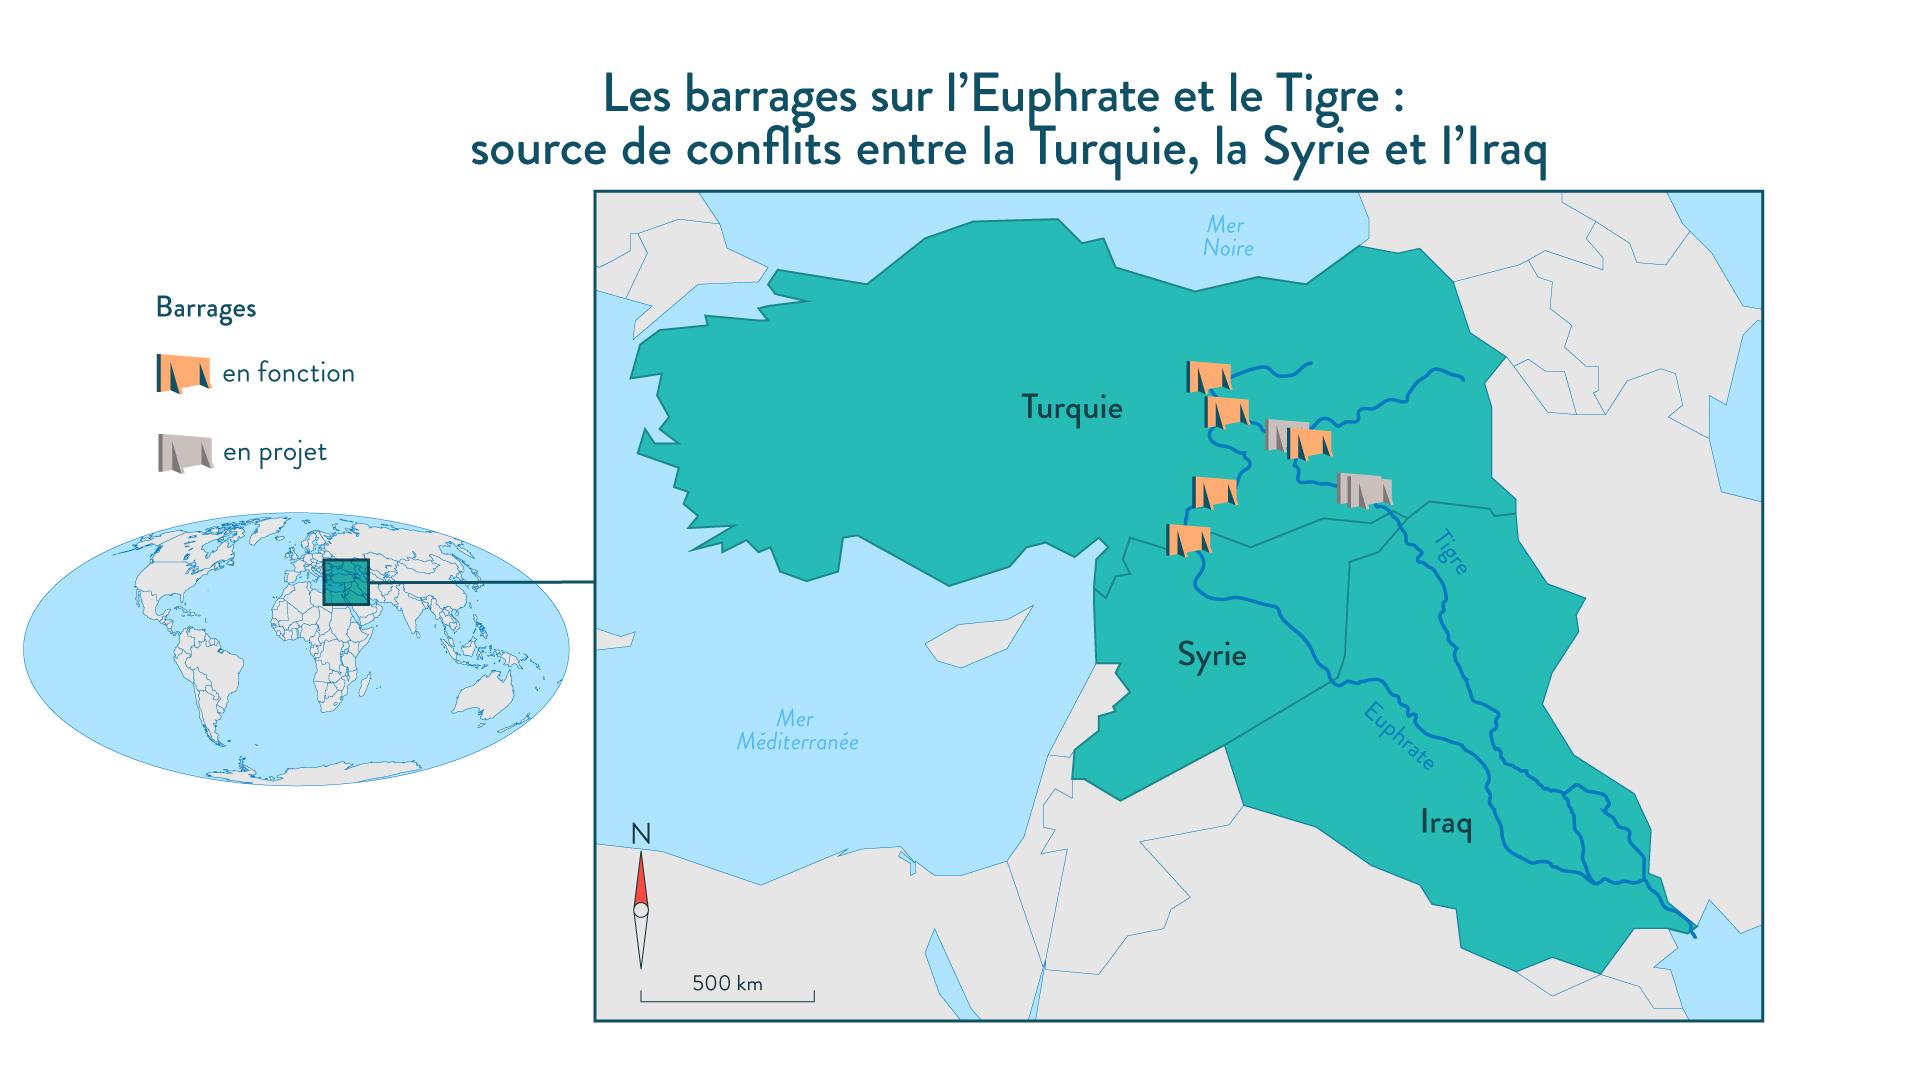 Les barrages sur l'Euphrate et le Tigre: source de conflits entre la Turquie, la Syrie et l'Iraq géographie cinquième